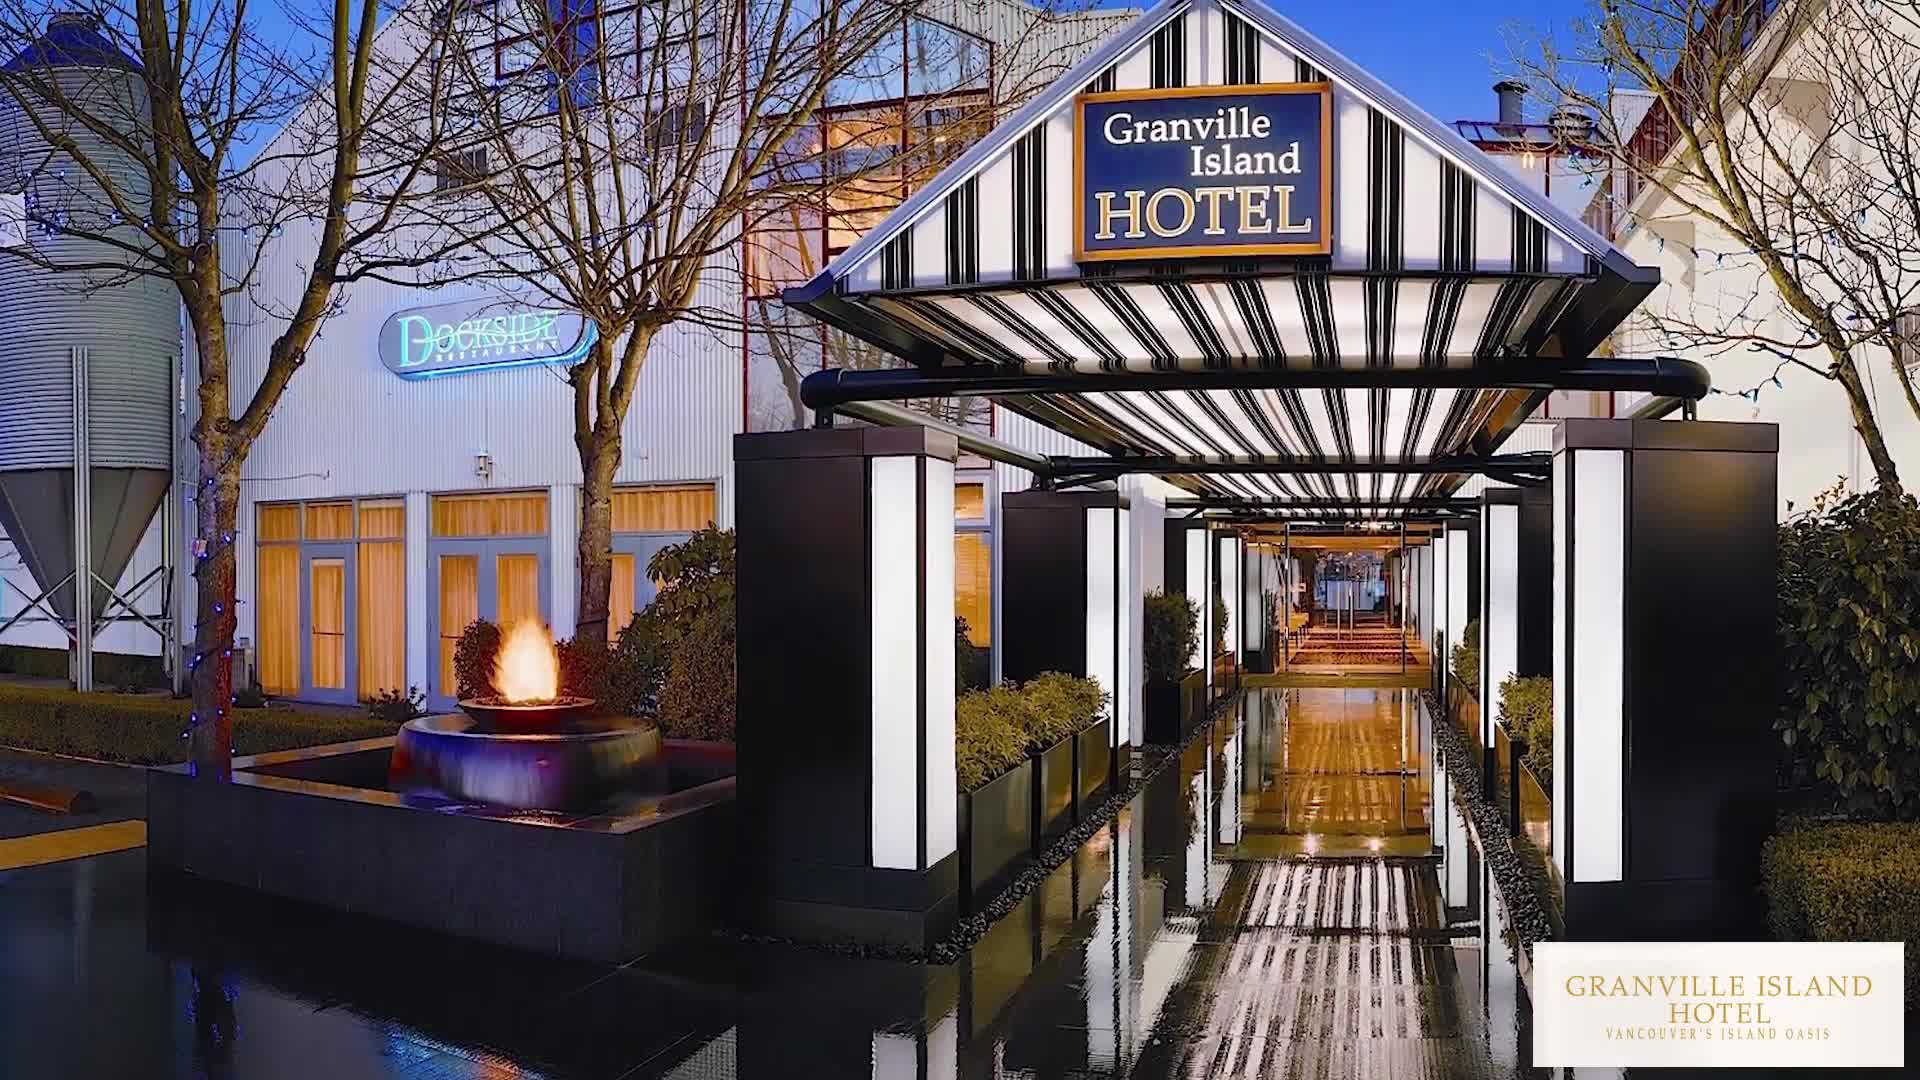 video Granville Island Hotel